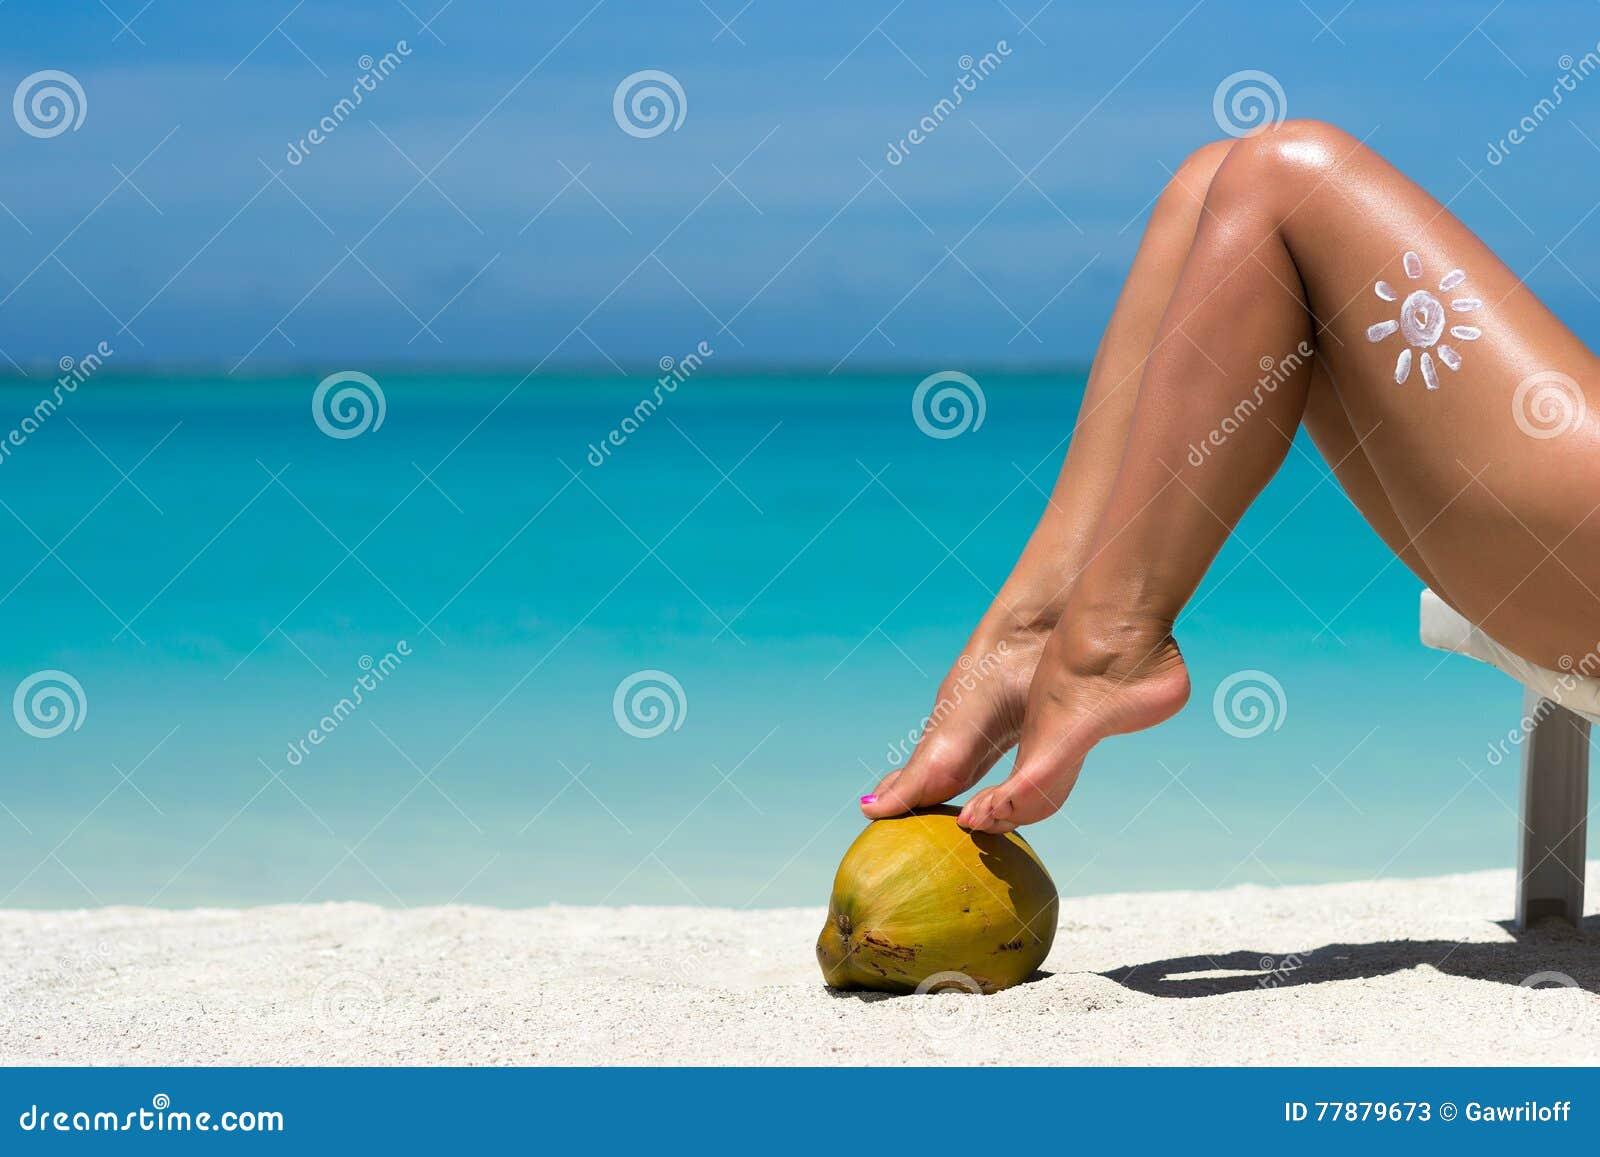 Piernas Femeninas Hermosas En La Imagen Conceptual De La Playa Tropical De Foto de archivo